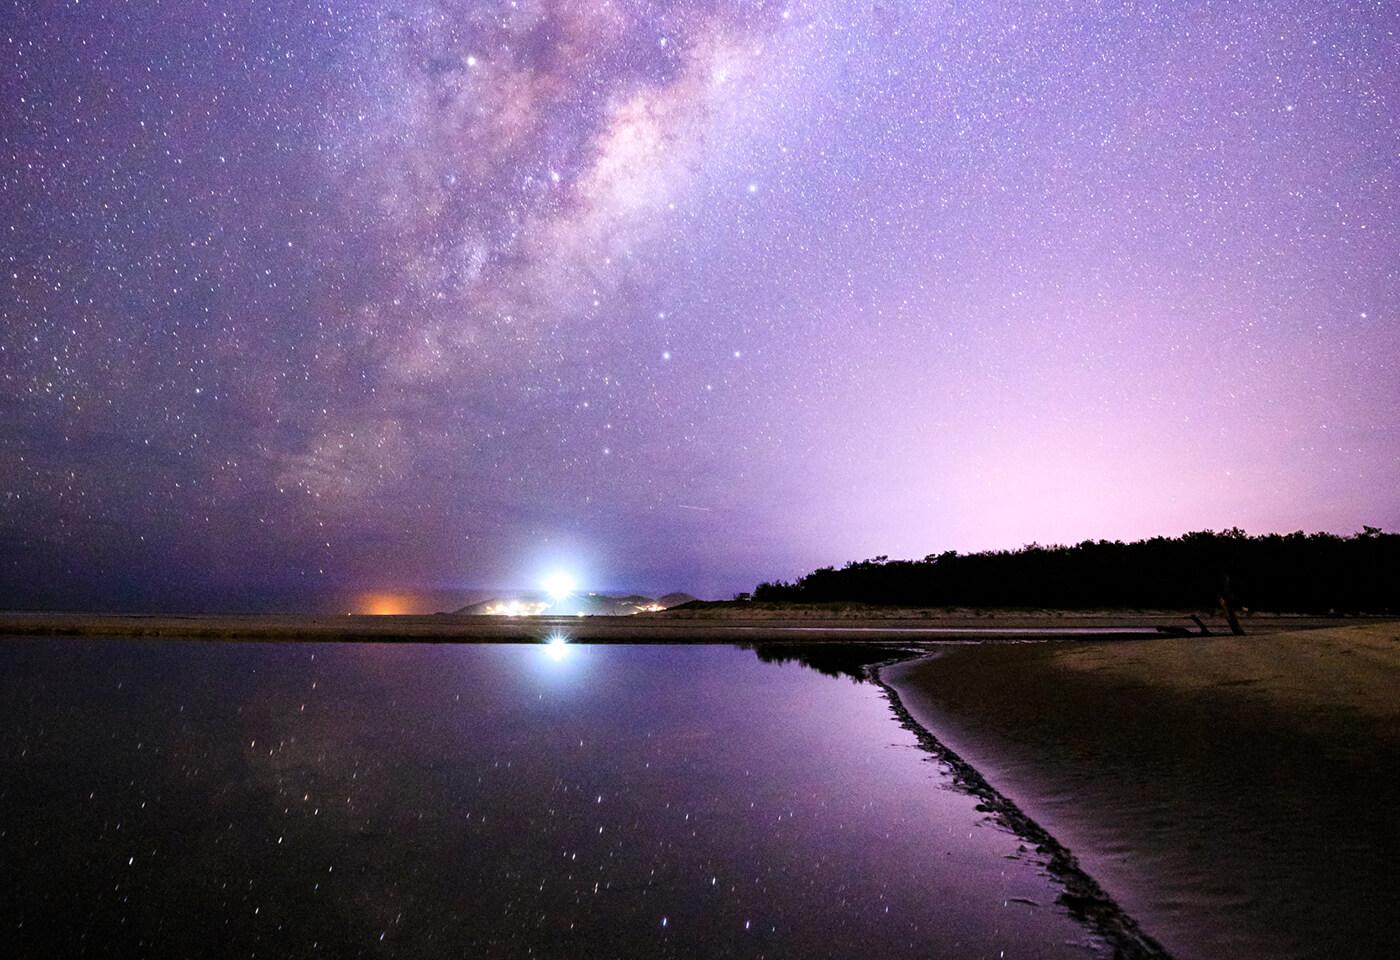 Astrophotography by Scott Stramyk